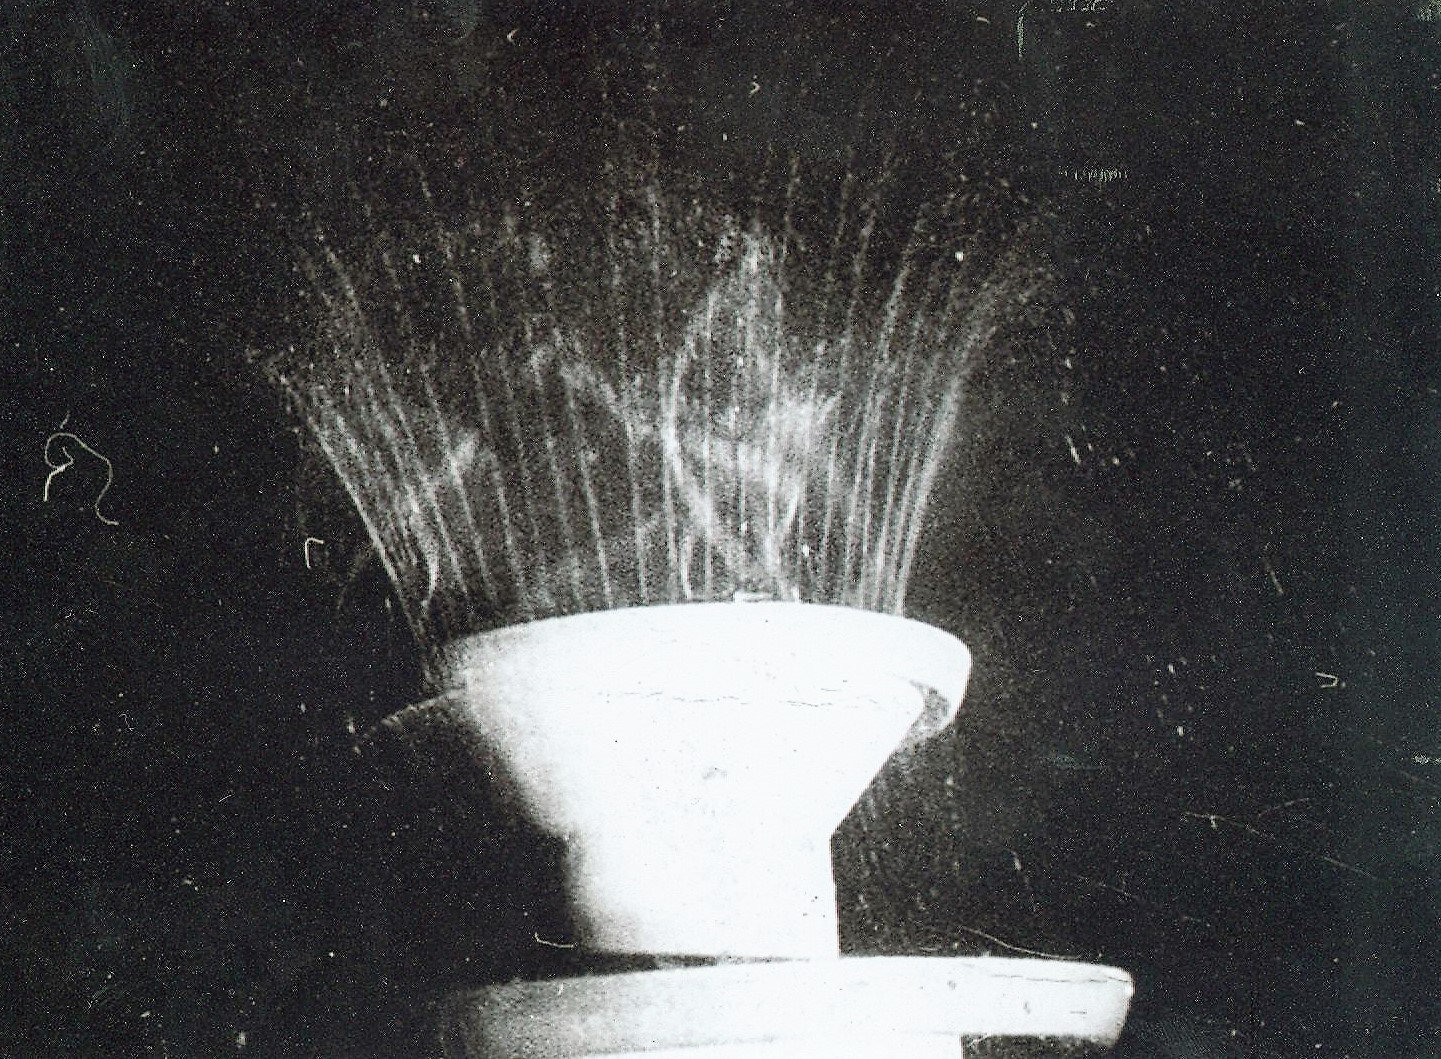 Fonte Luminosa - Década de 1950